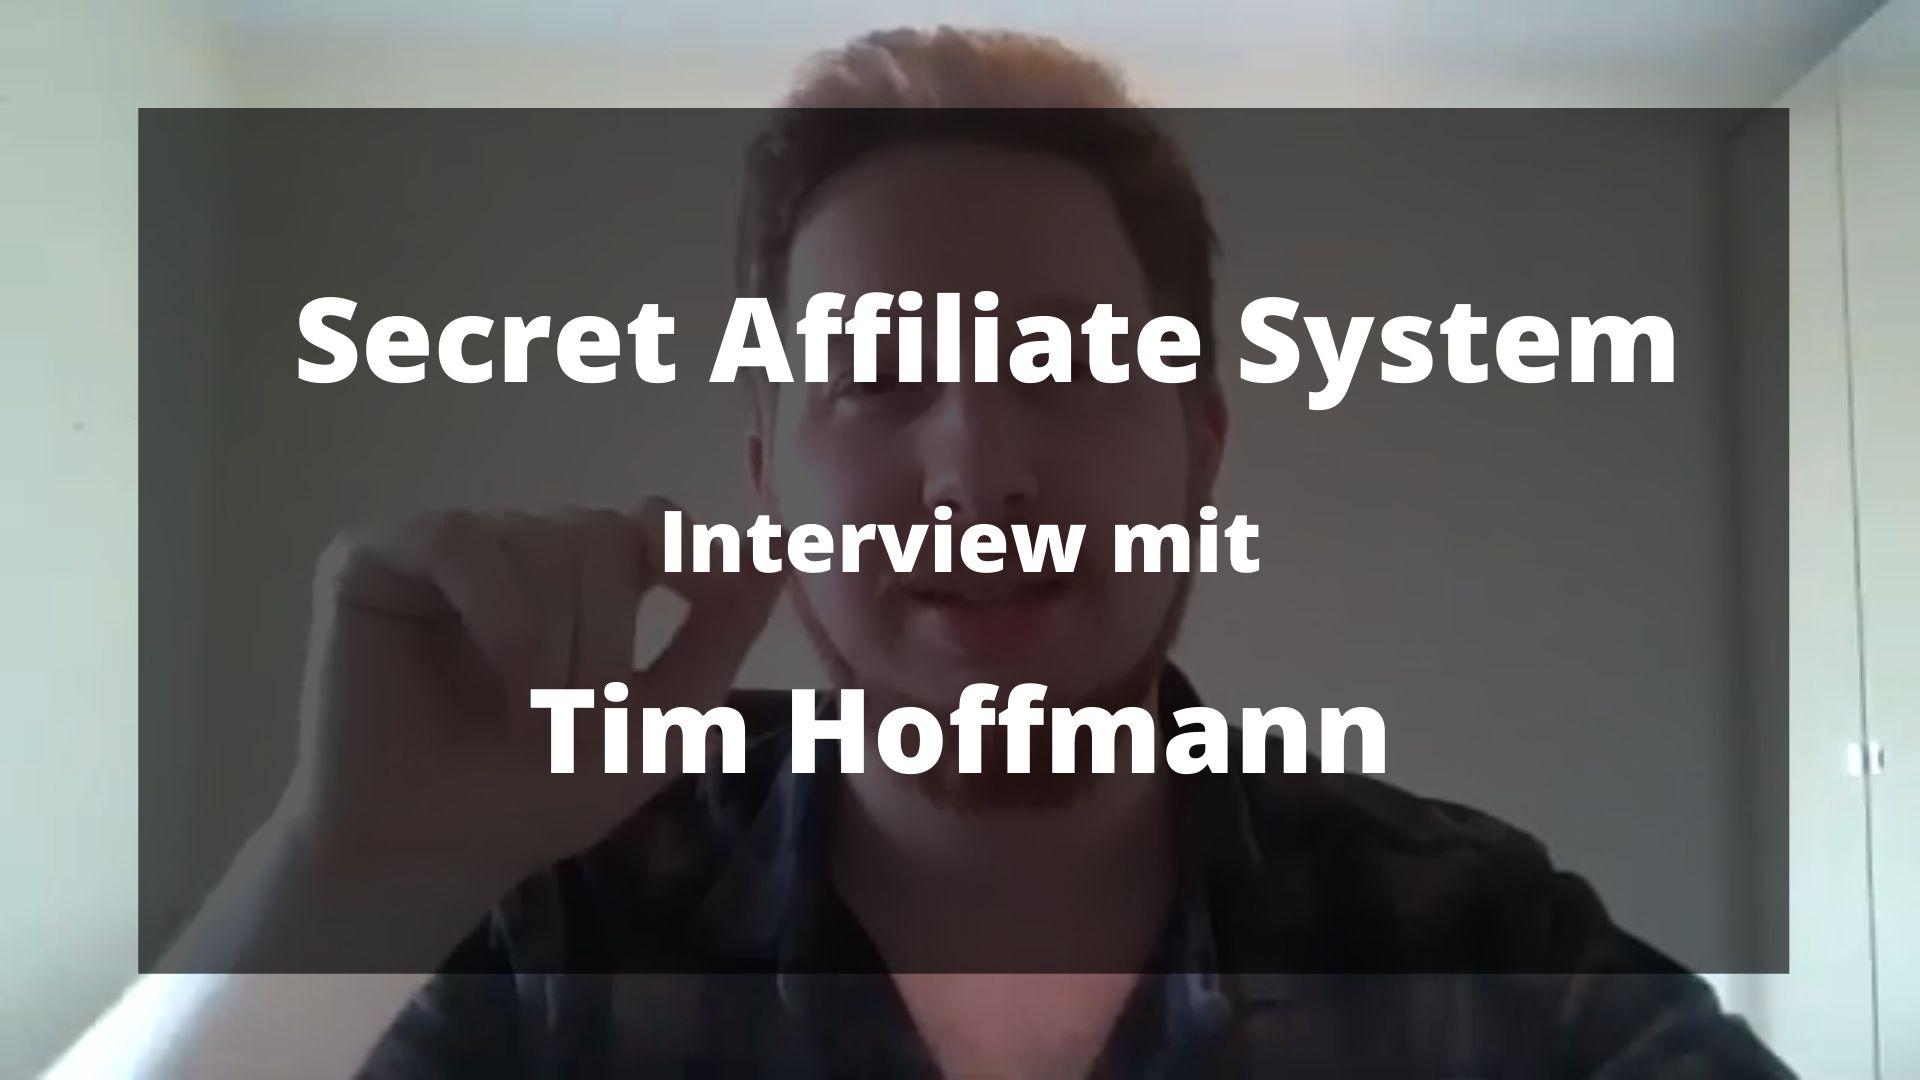 Secret Affiliate System - Interview mit Tim Hoffmann